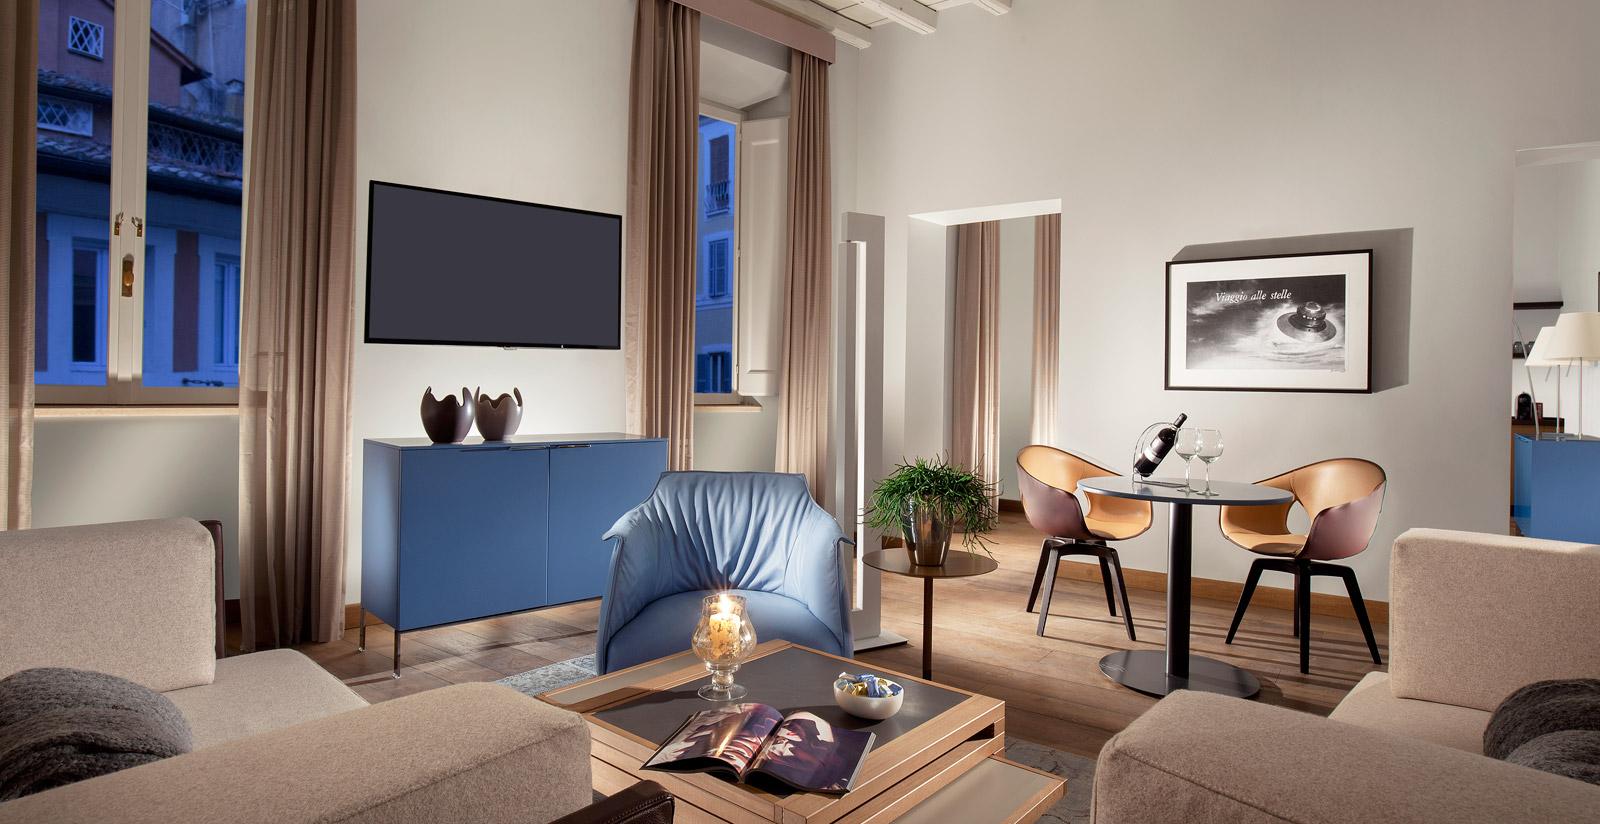 Palazzo scanderbeg case vacanze roma for Nuove case con suite suocera